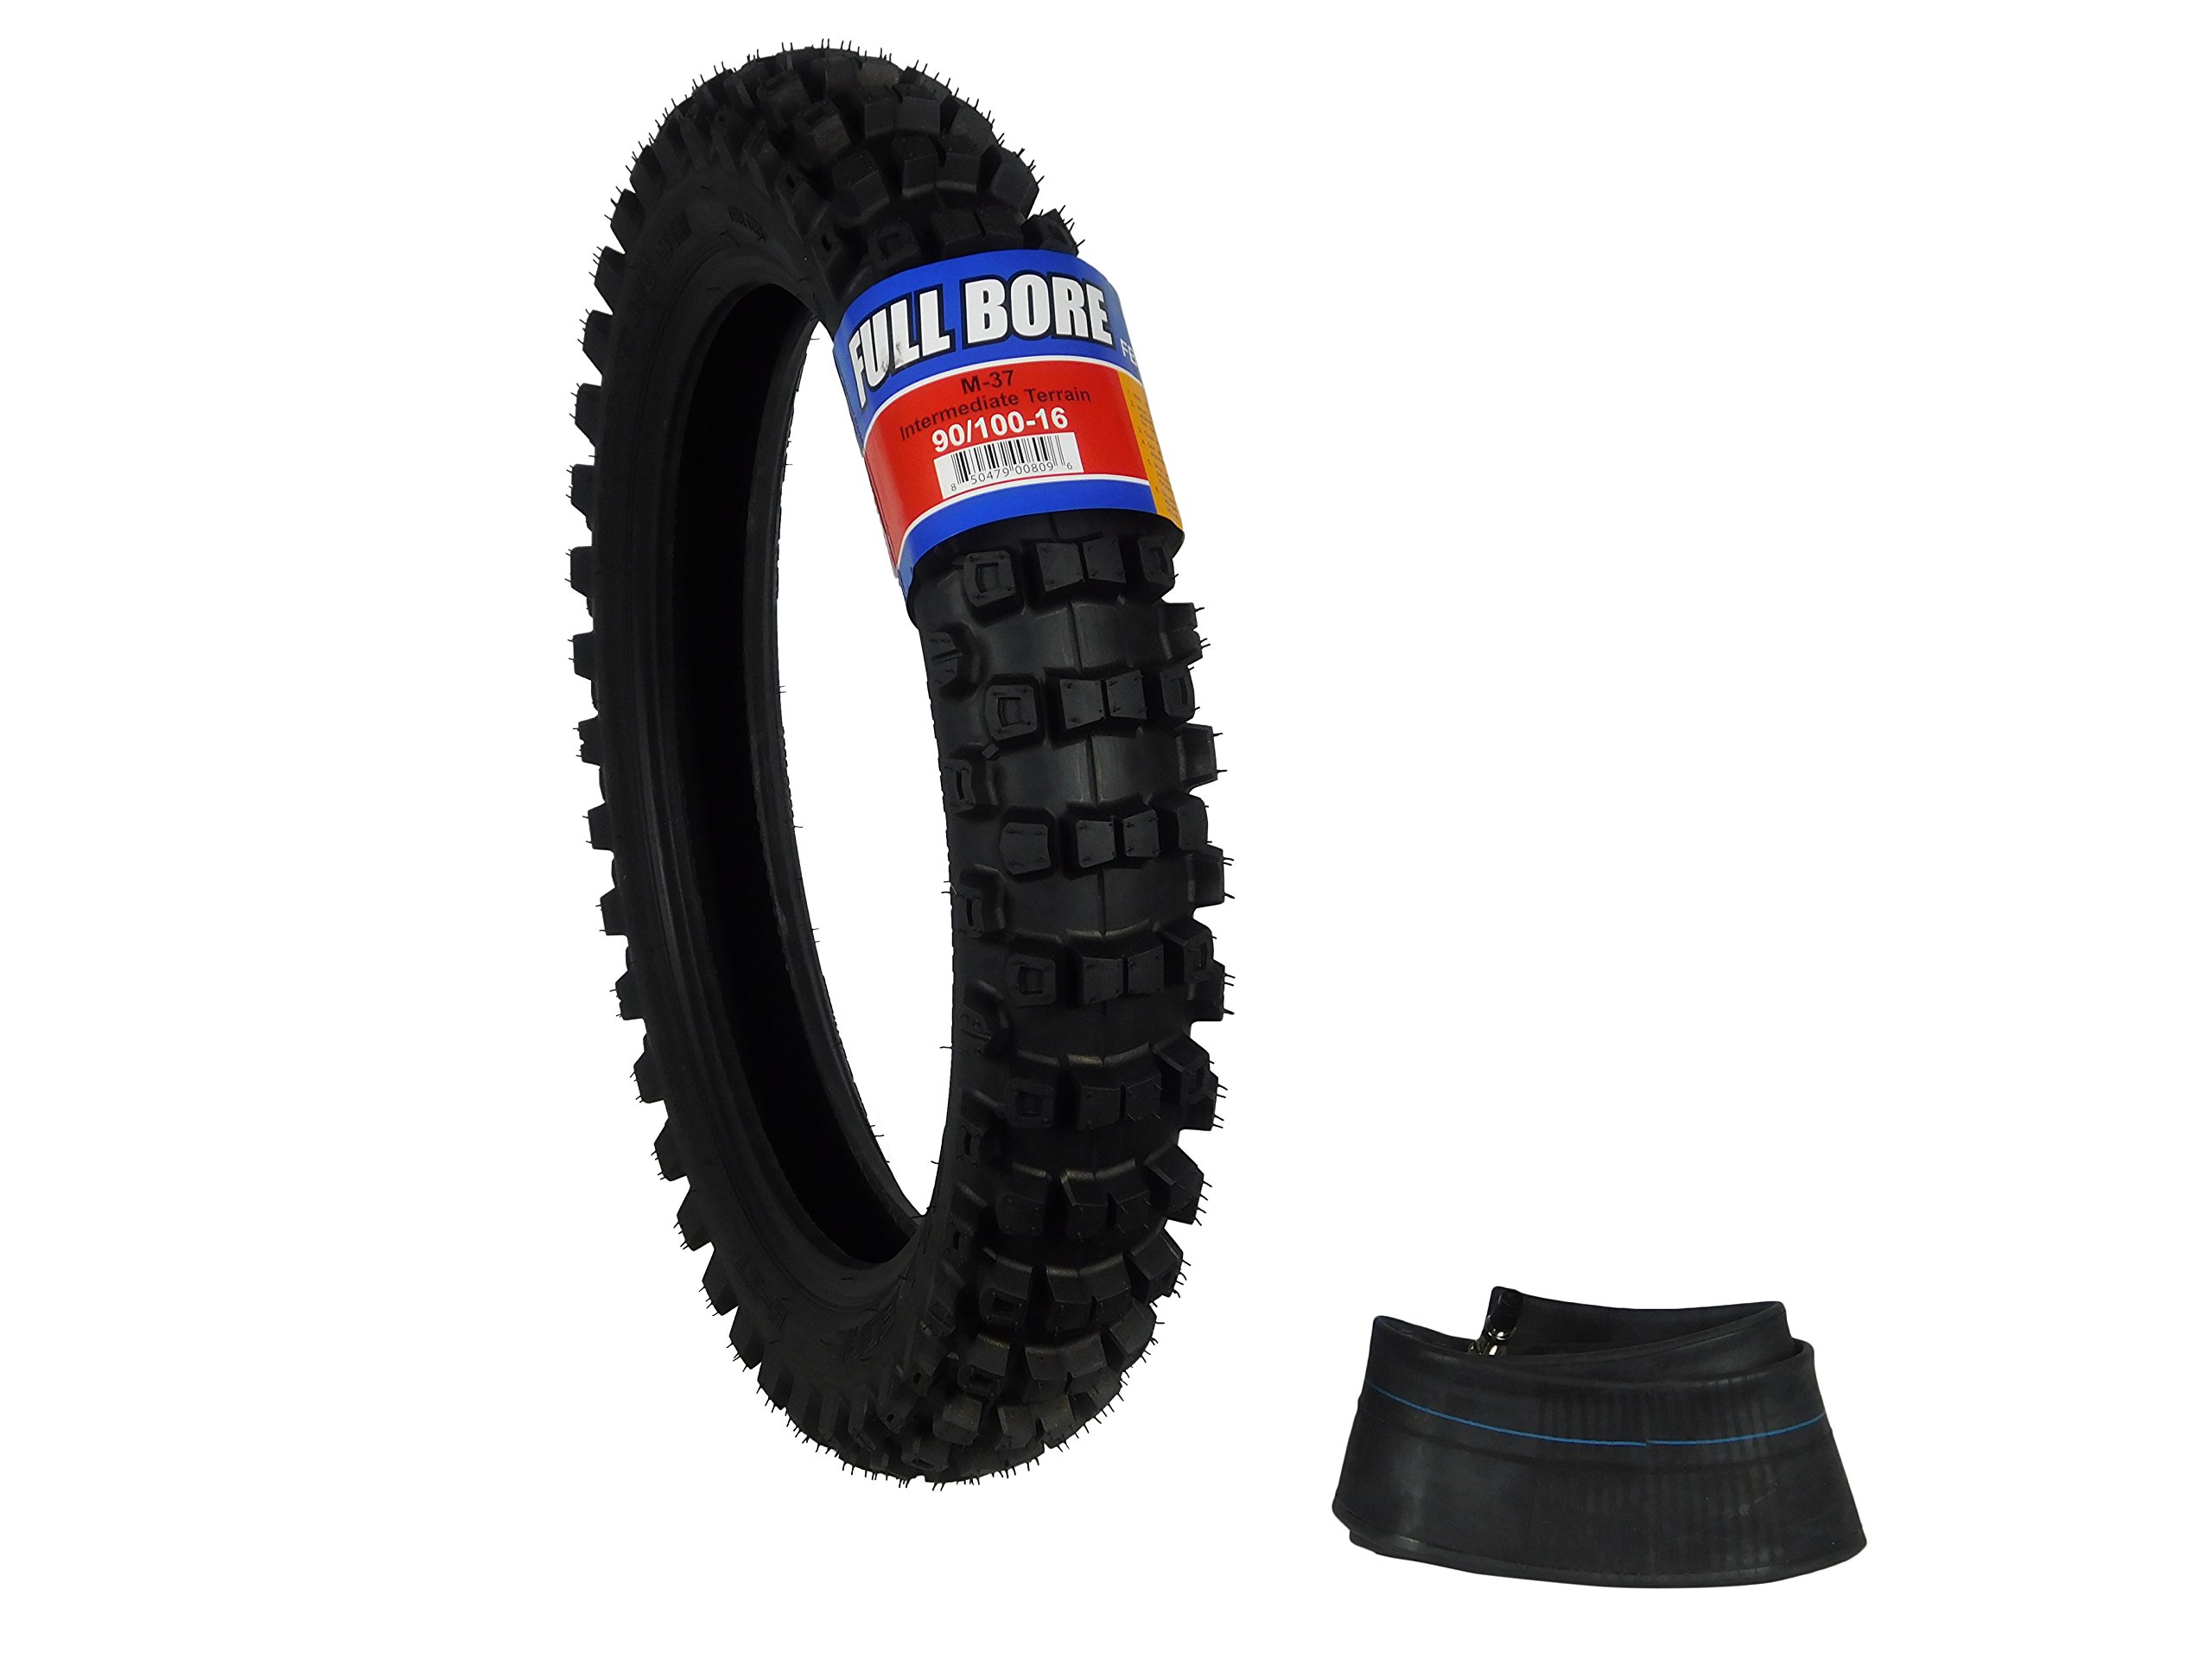 Full Bore 90/100-16 M37 Intermediate Terrain Dirt Bike Tire with TR-4 Inner Tube